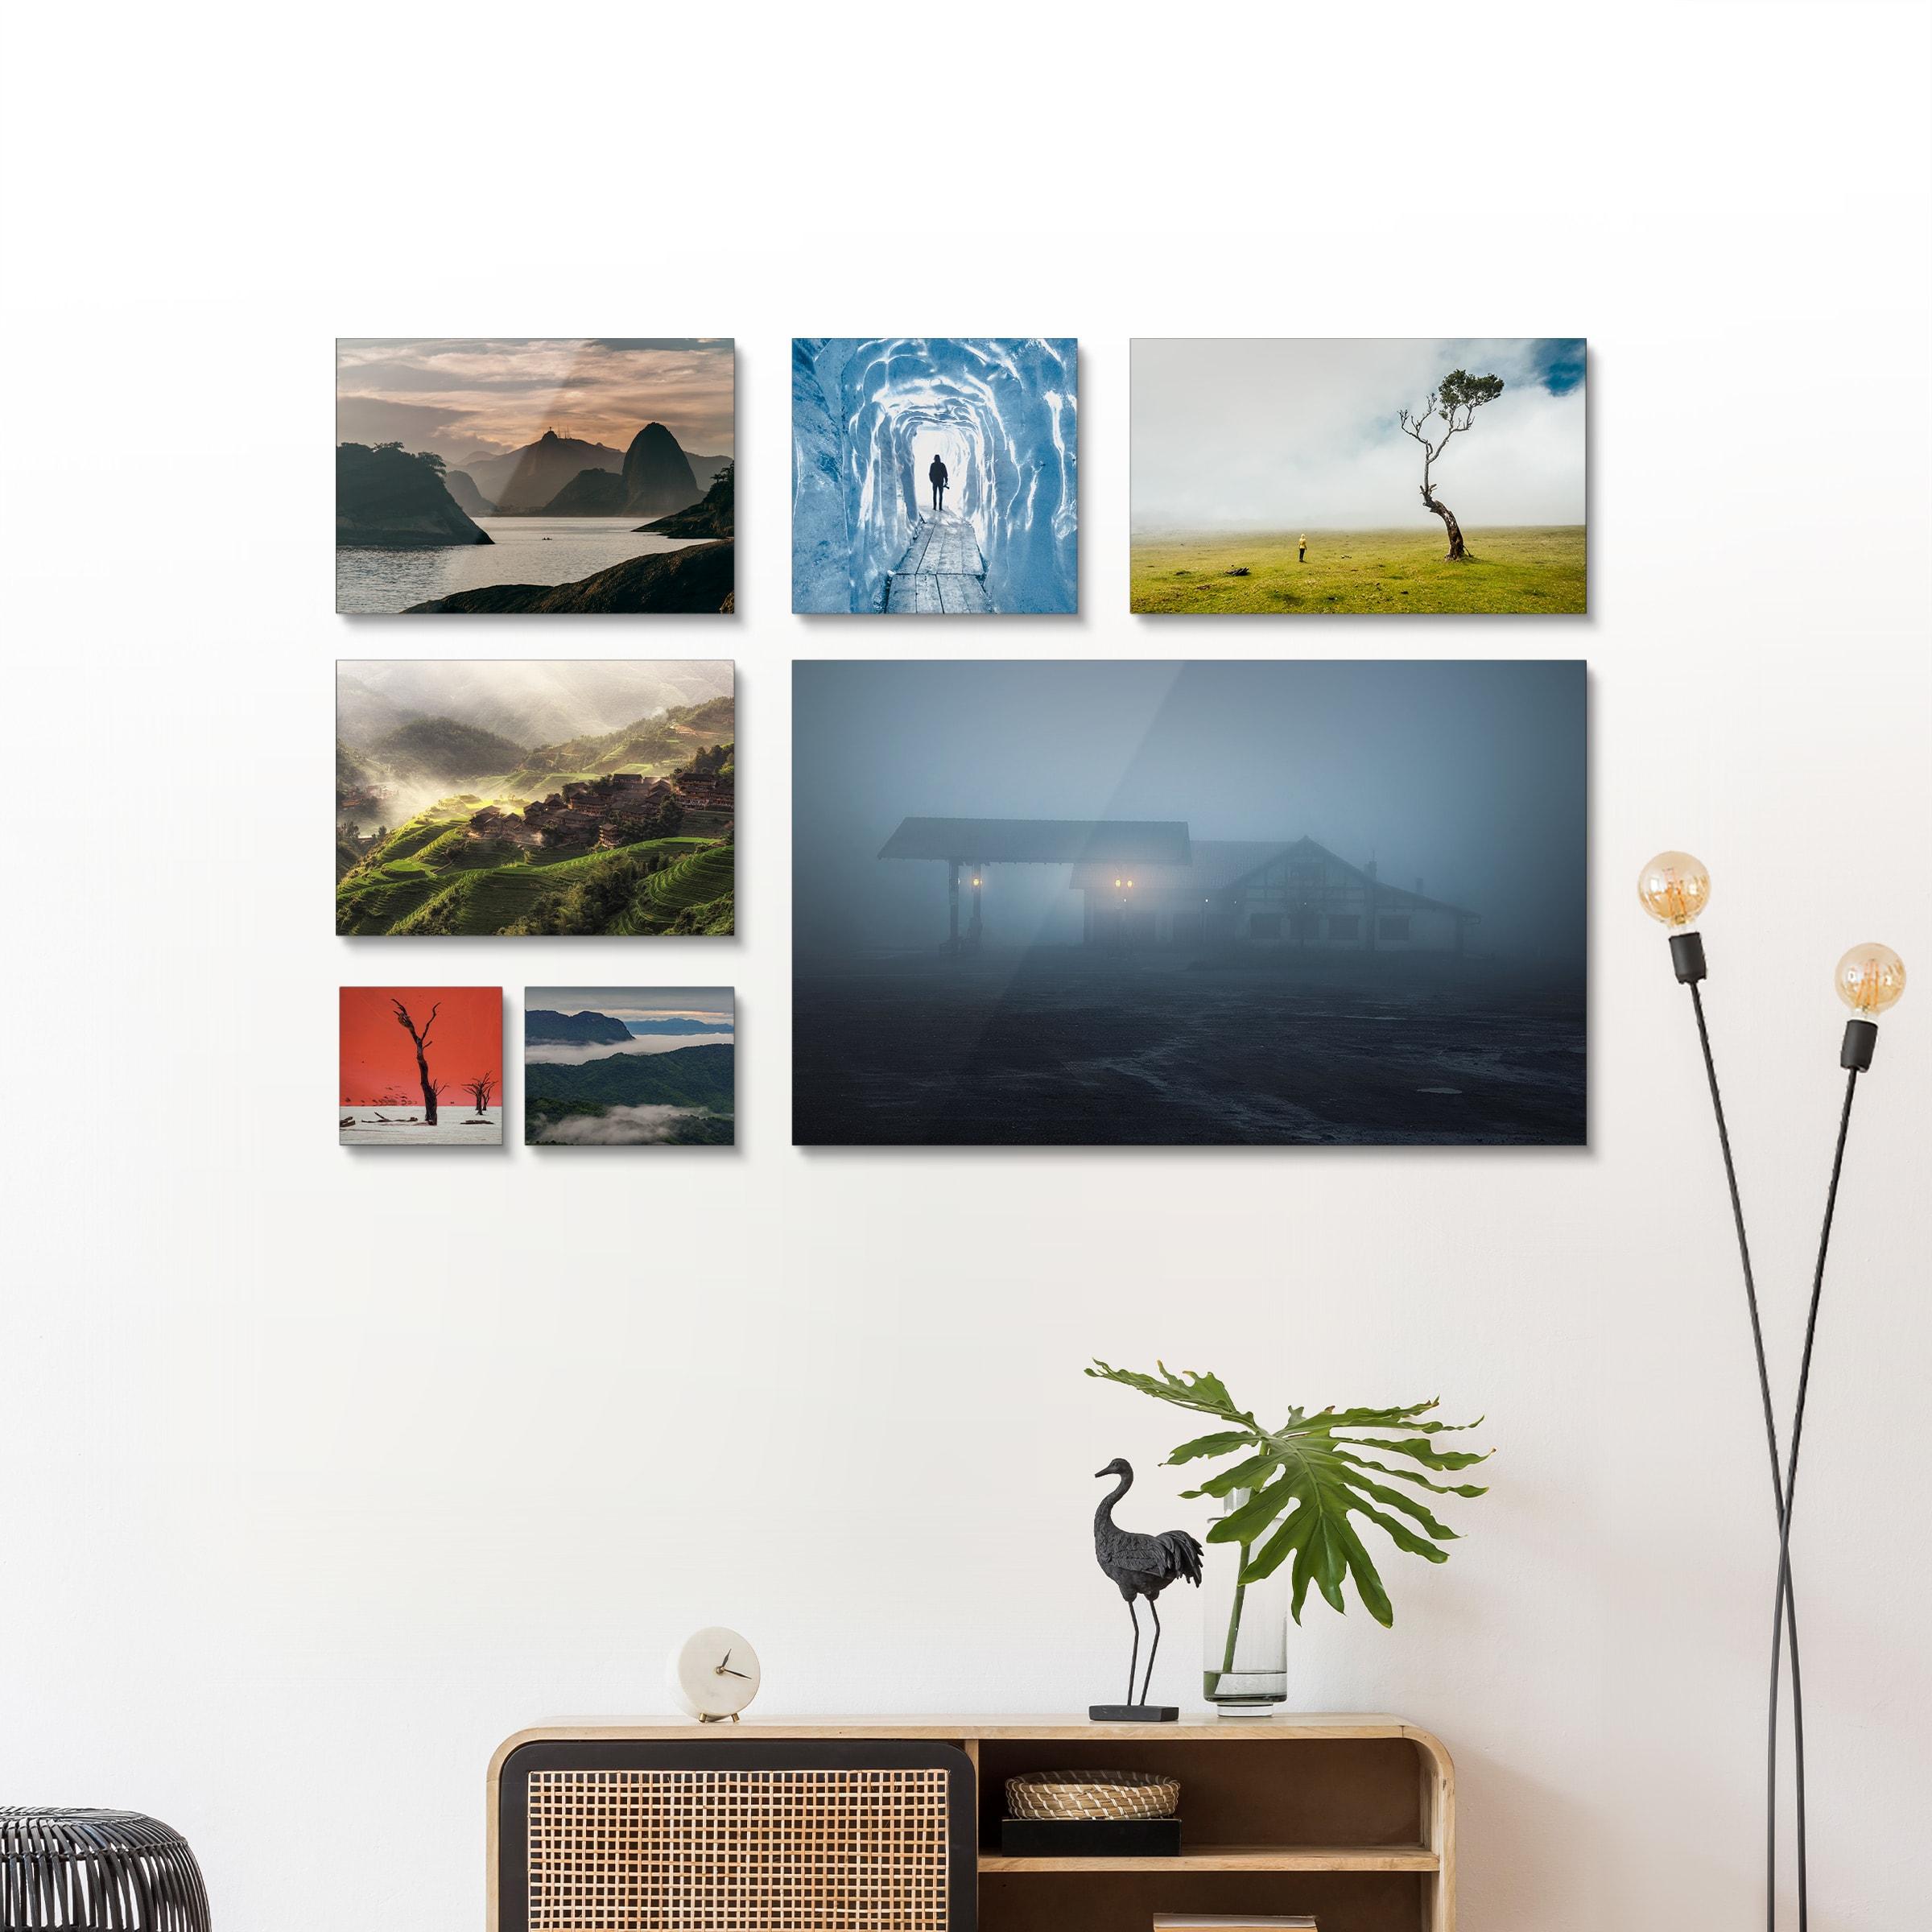 echter-fotoabzug-auf-holz-landschaft-inspiration-1200x1200.jpg